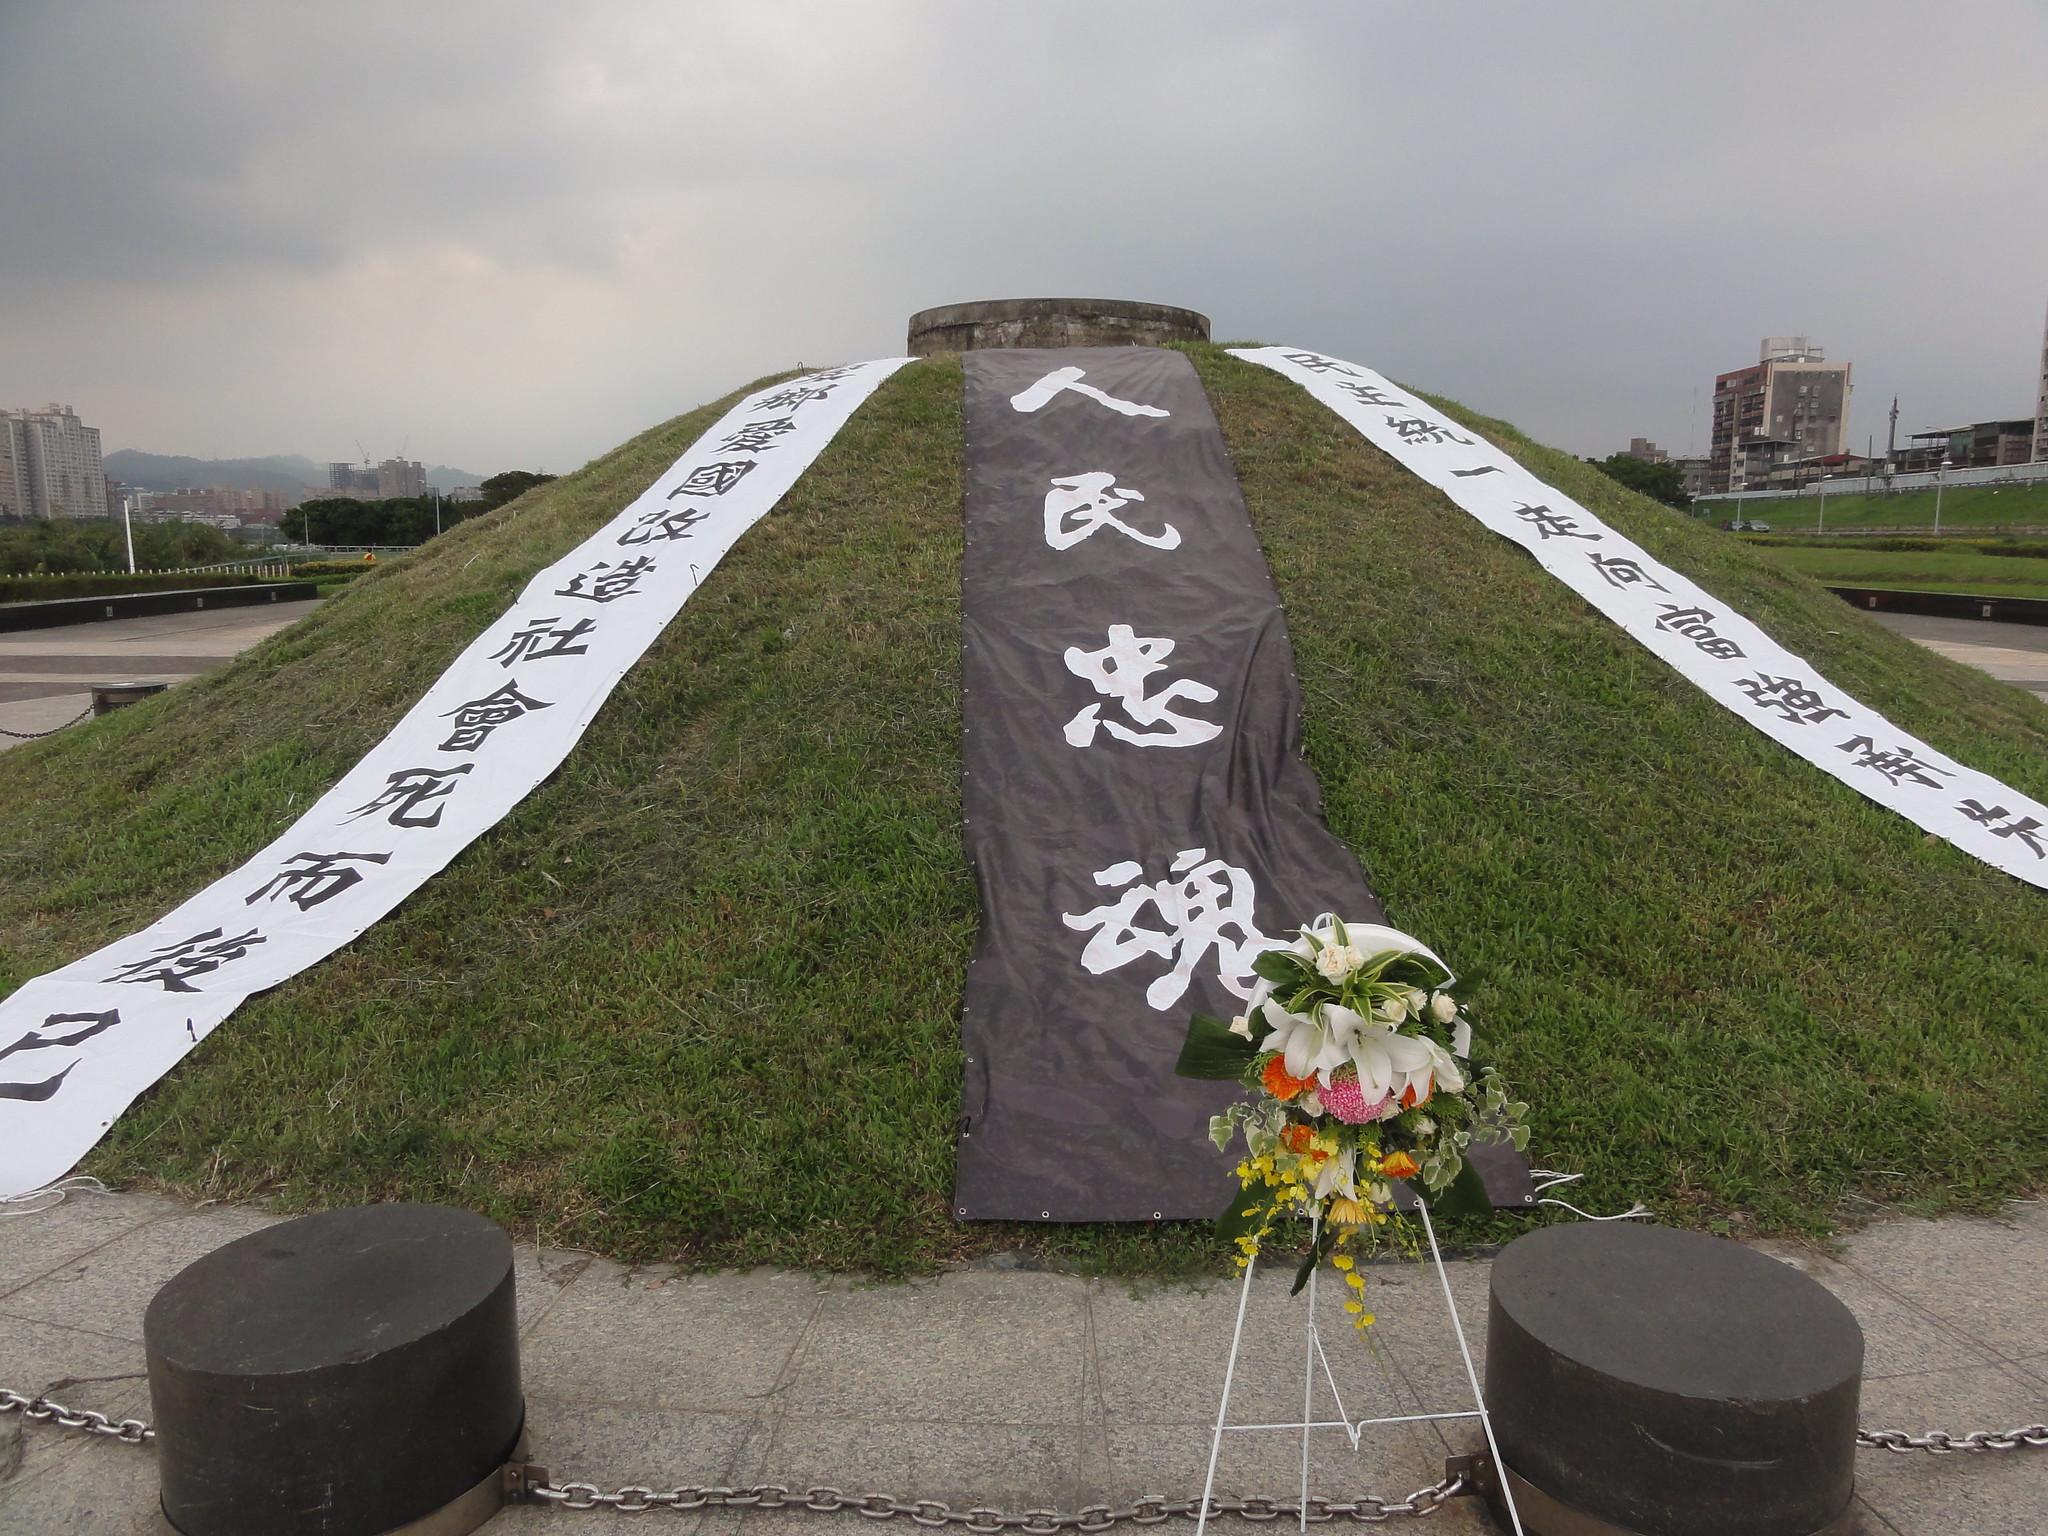 馬場町的土丘上披掛了「人民忠魂」等字樣。(攝影:張智琦)